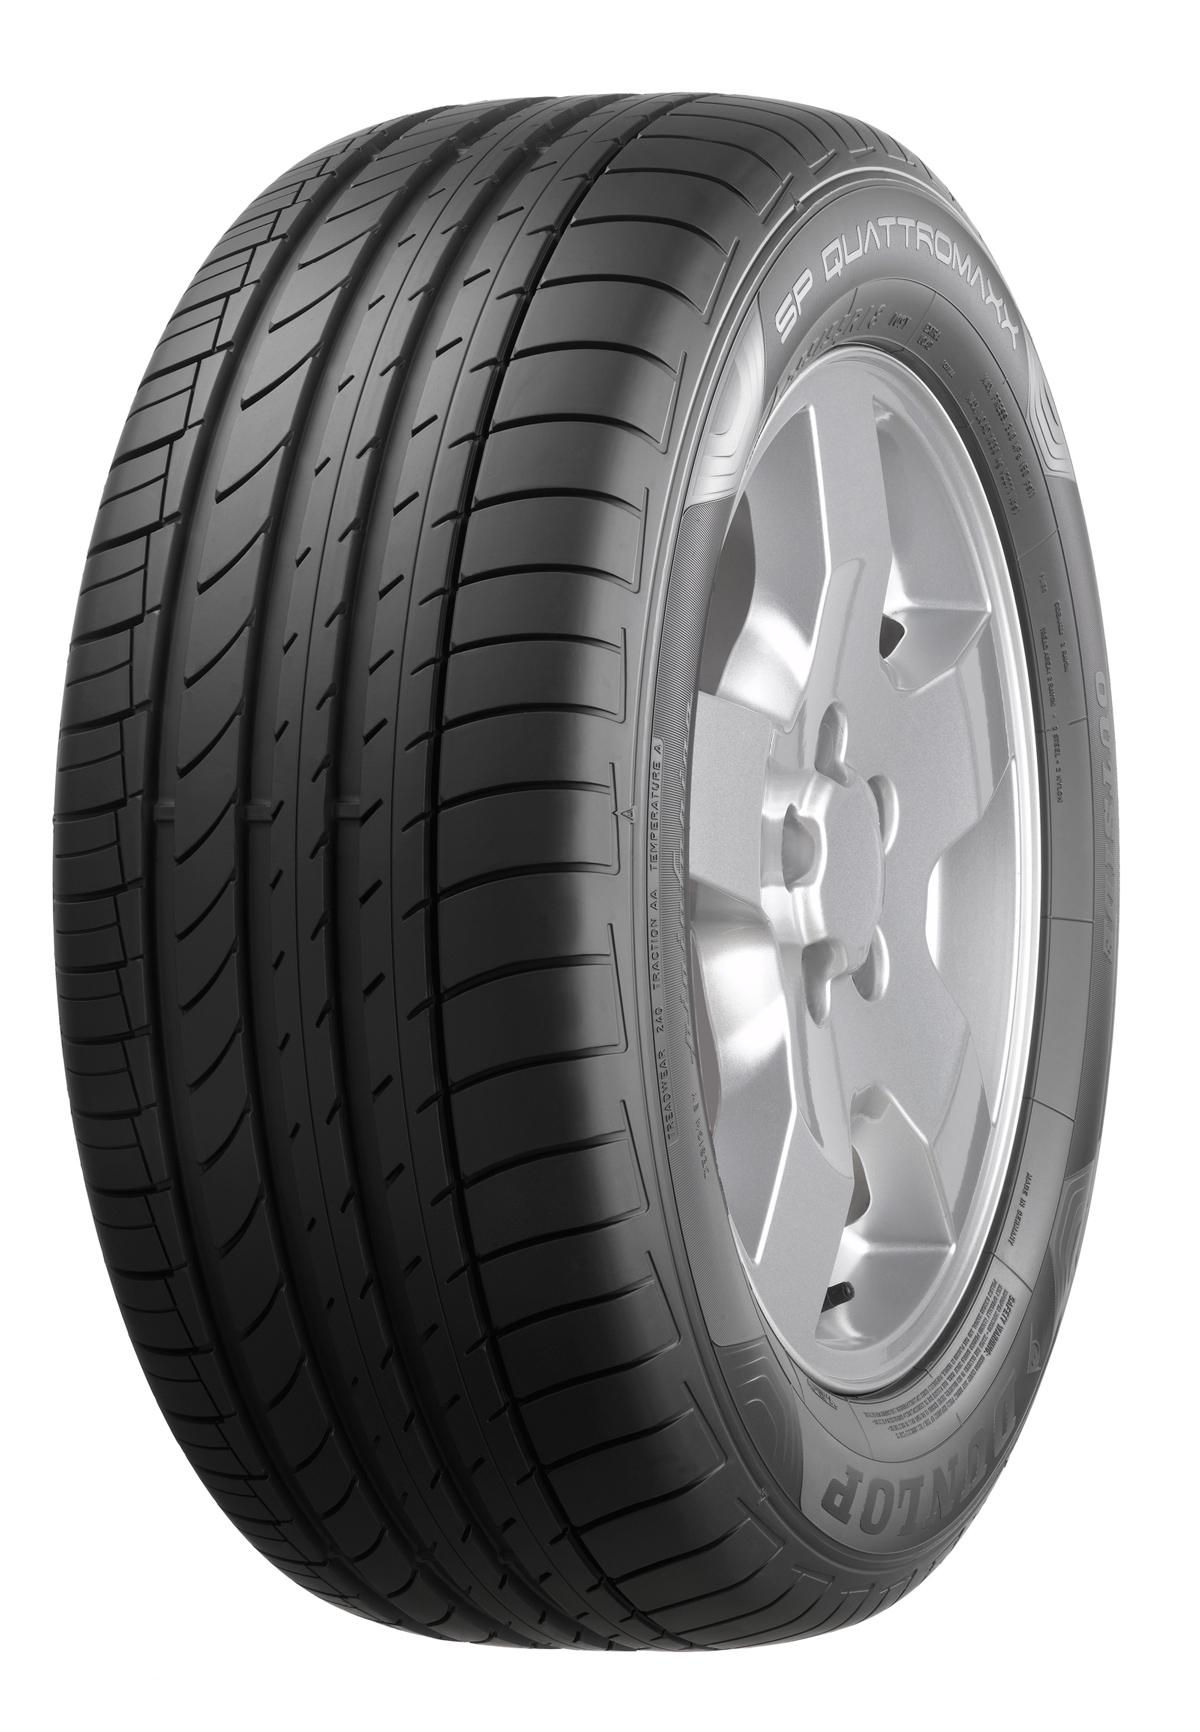 автомобильные шины Dunlop SP QuattroMaxx 275/40 R22 108Y